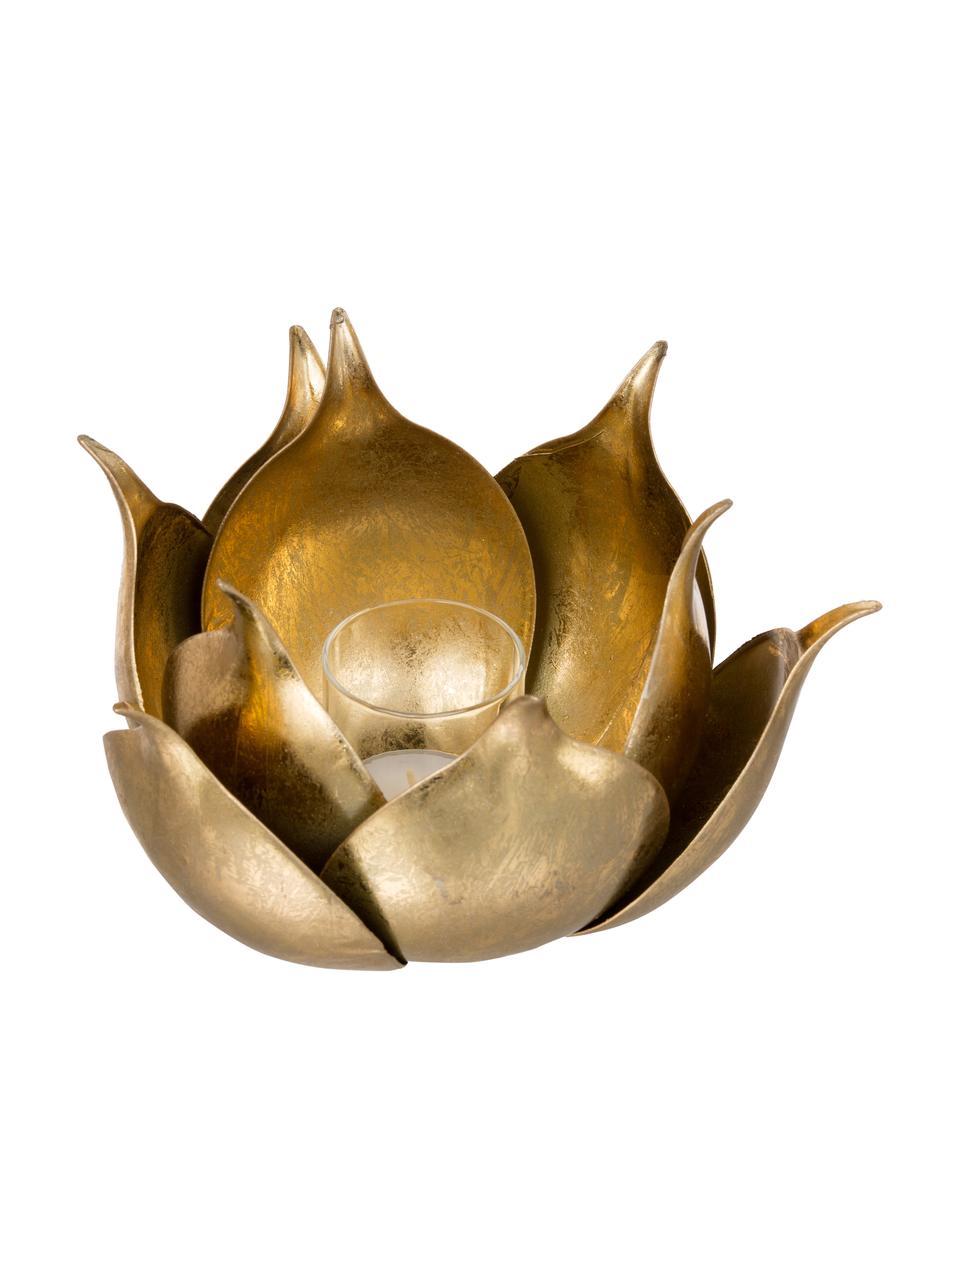 Świecznik na podgrzewacze Conla, Metal powlekany, Odcienie złotego, błyszczący, Ø 20 x W 11 cm